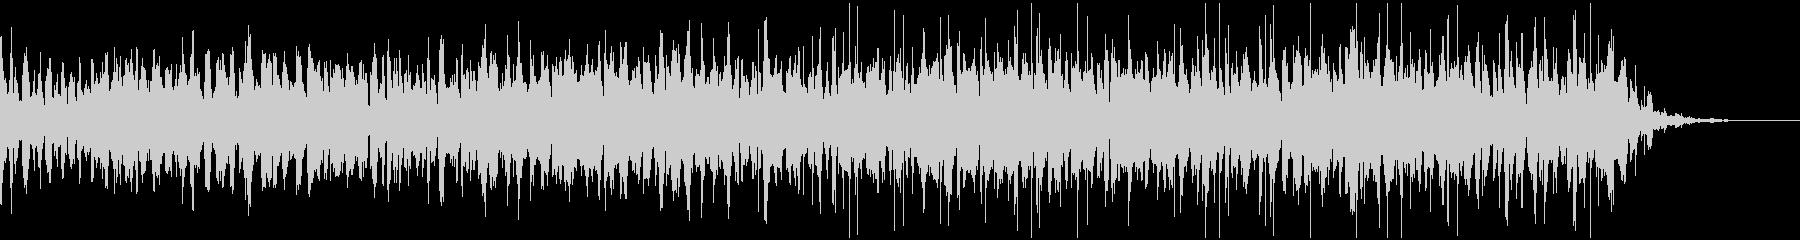 オルガンとピチカートを使用したインスト曲の未再生の波形